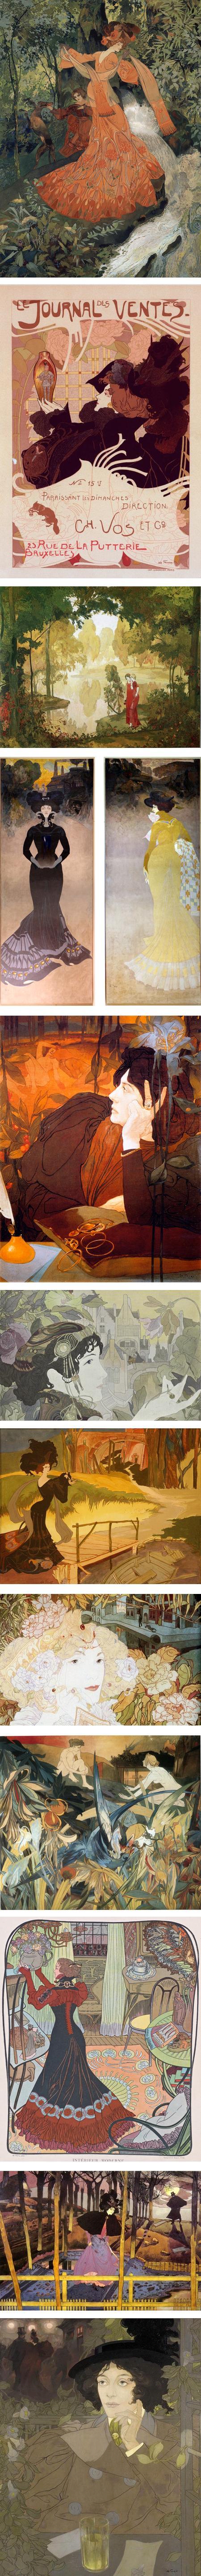 Georges de Feure, Art Nouveau